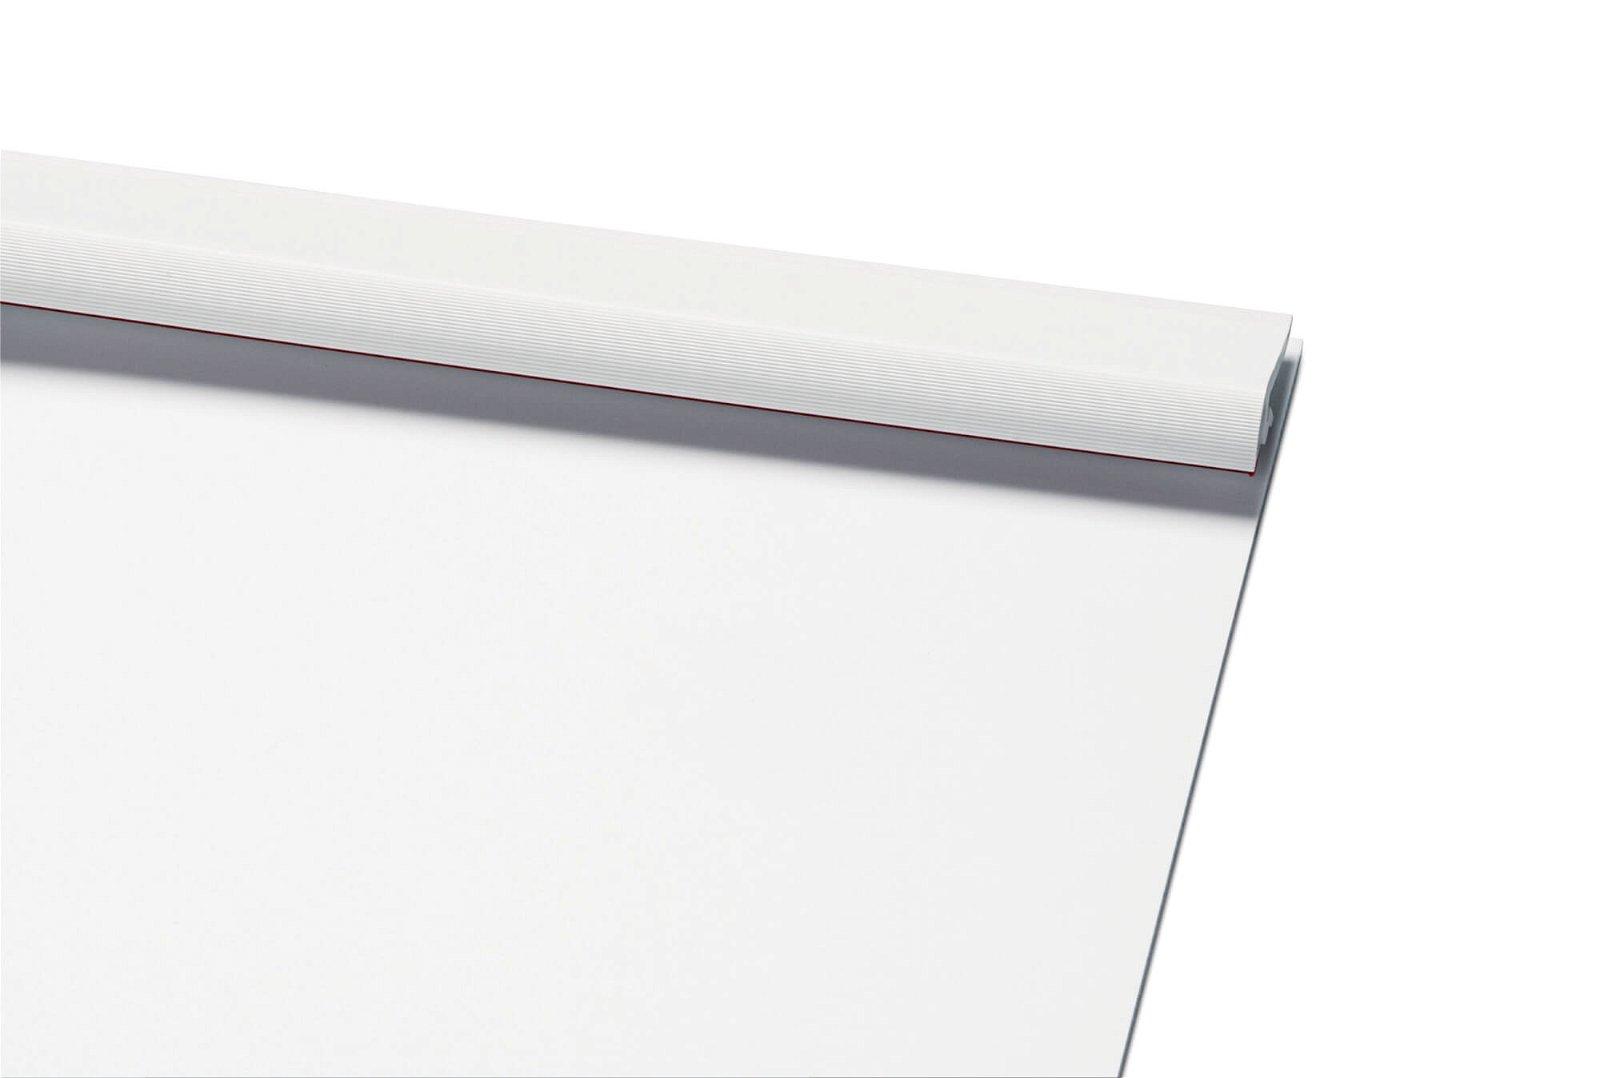 A4 Schreibplatte MAULpro Kunststoff Klemmer kurze Seite, weiß